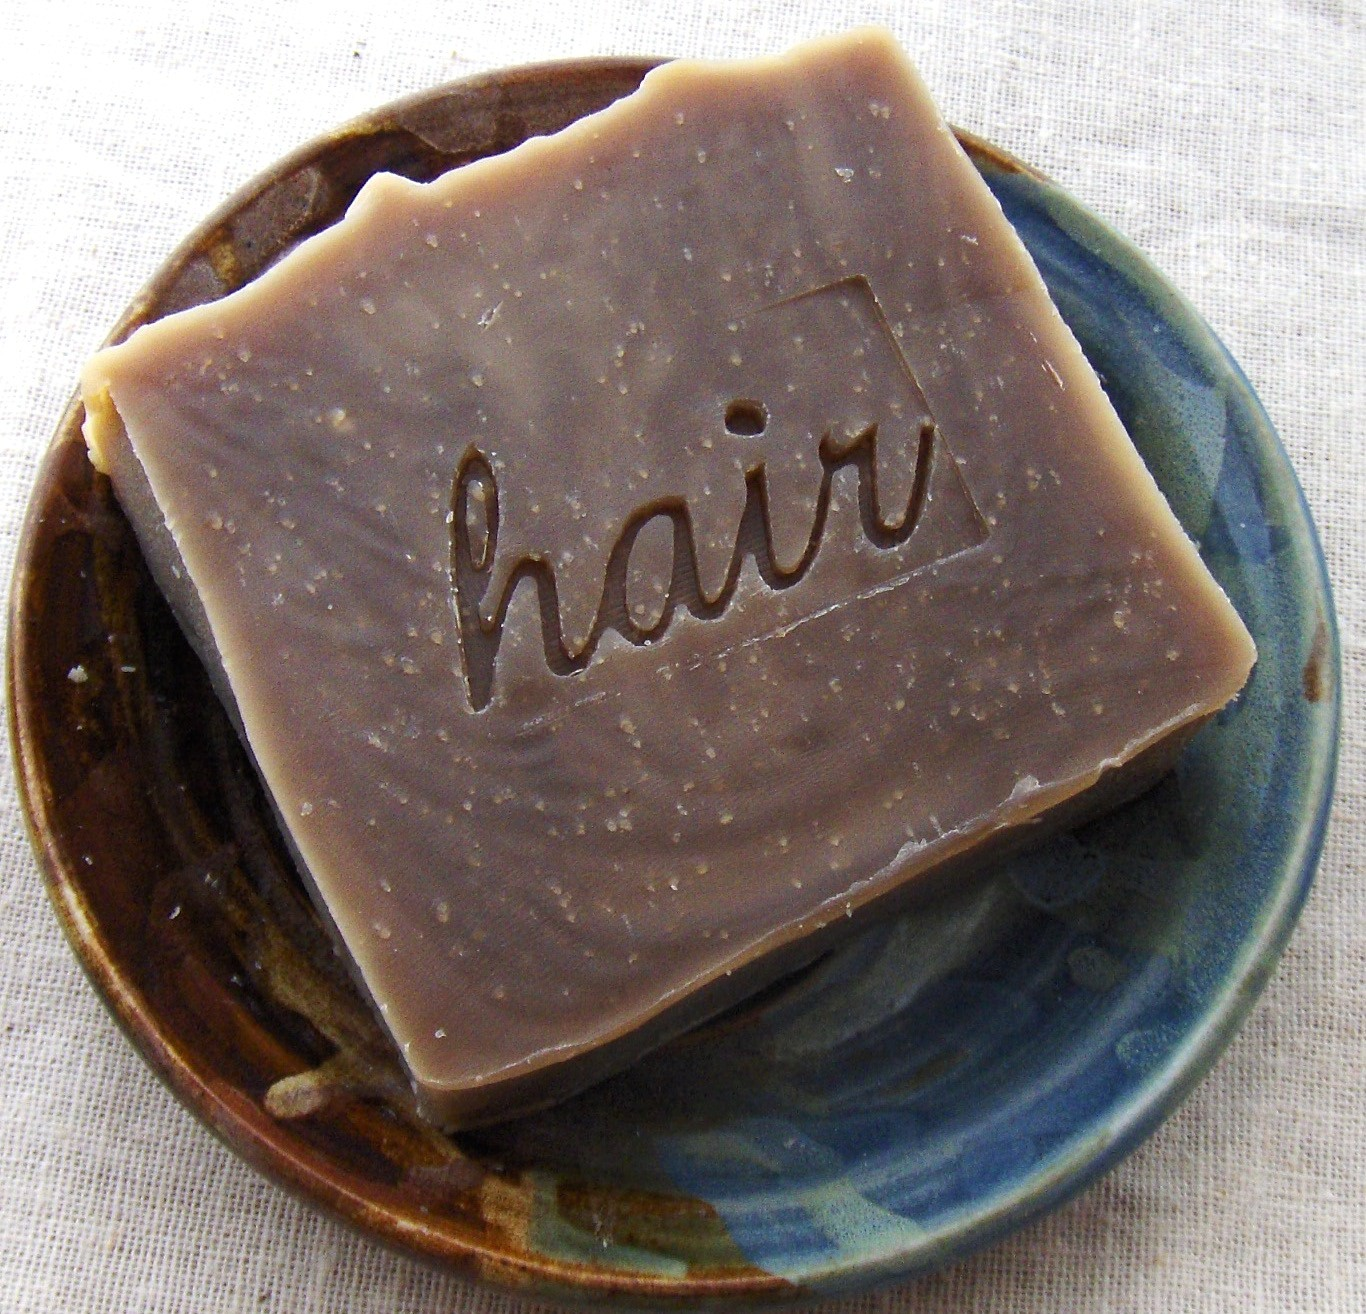 Les shampoings en barre ou savons à cheveux sont-ils efficaces ?